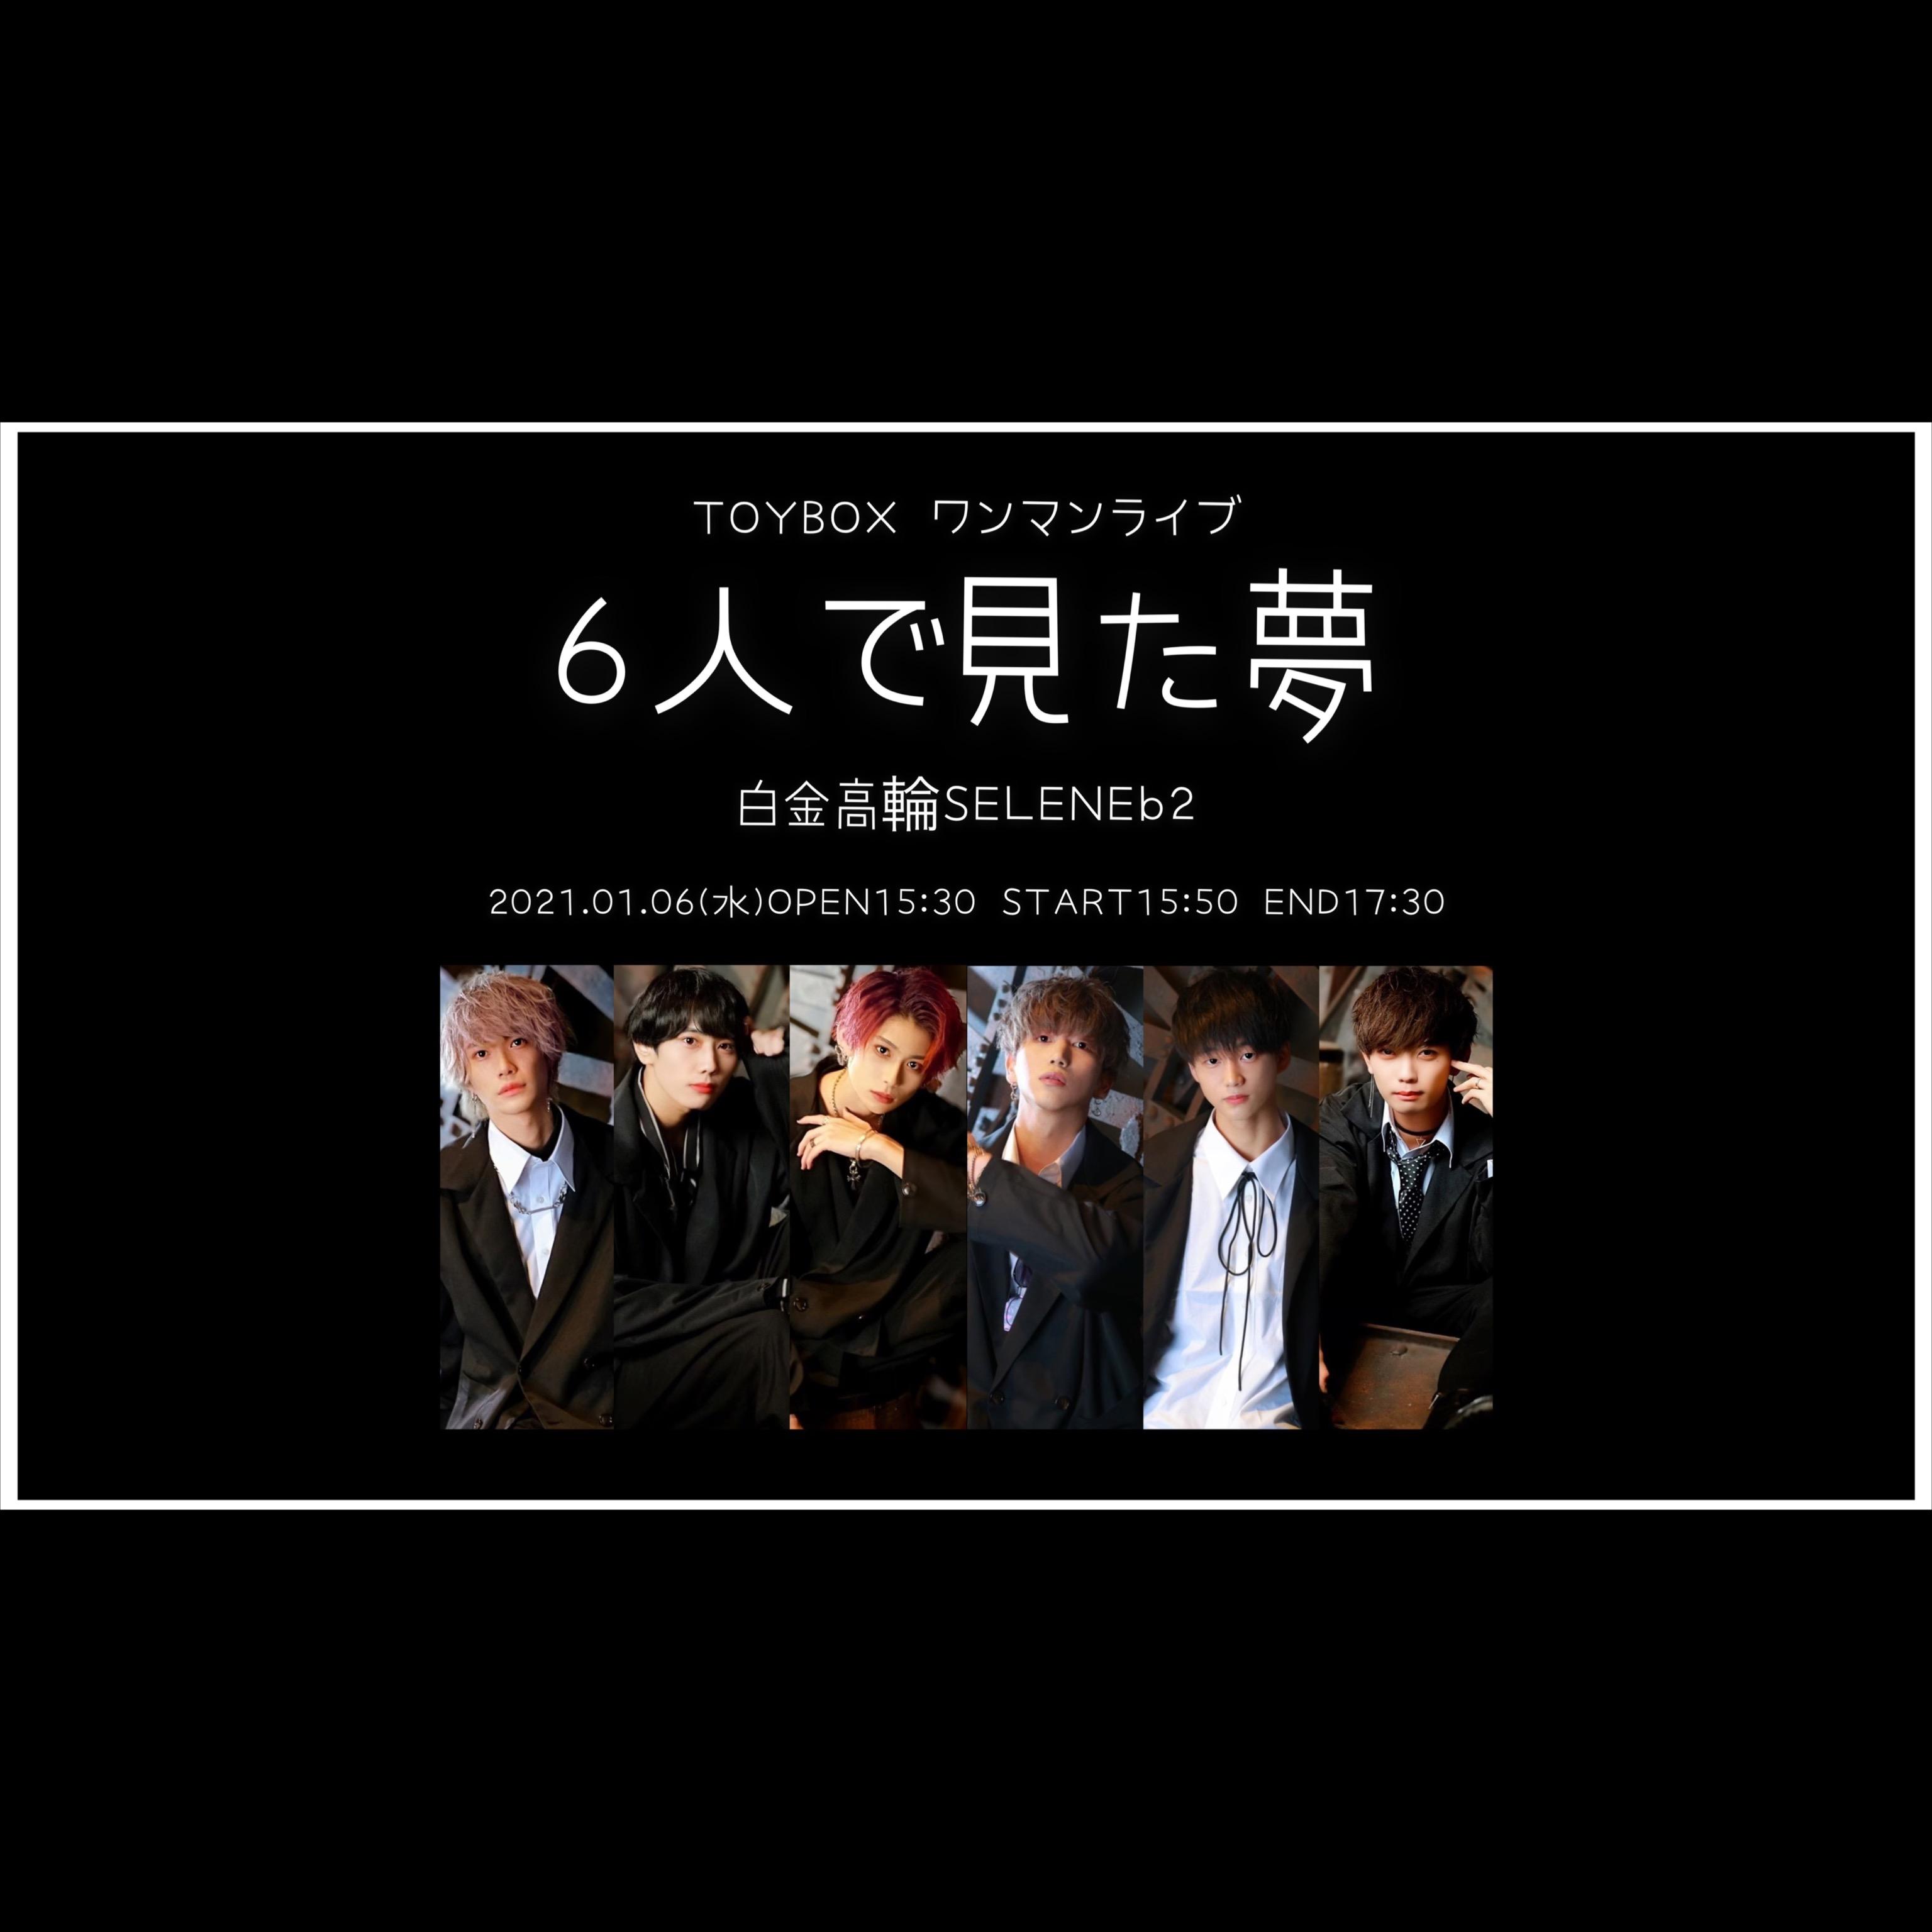 【S席】TOYBOXワンマンライブ〜6人で見た夢〜